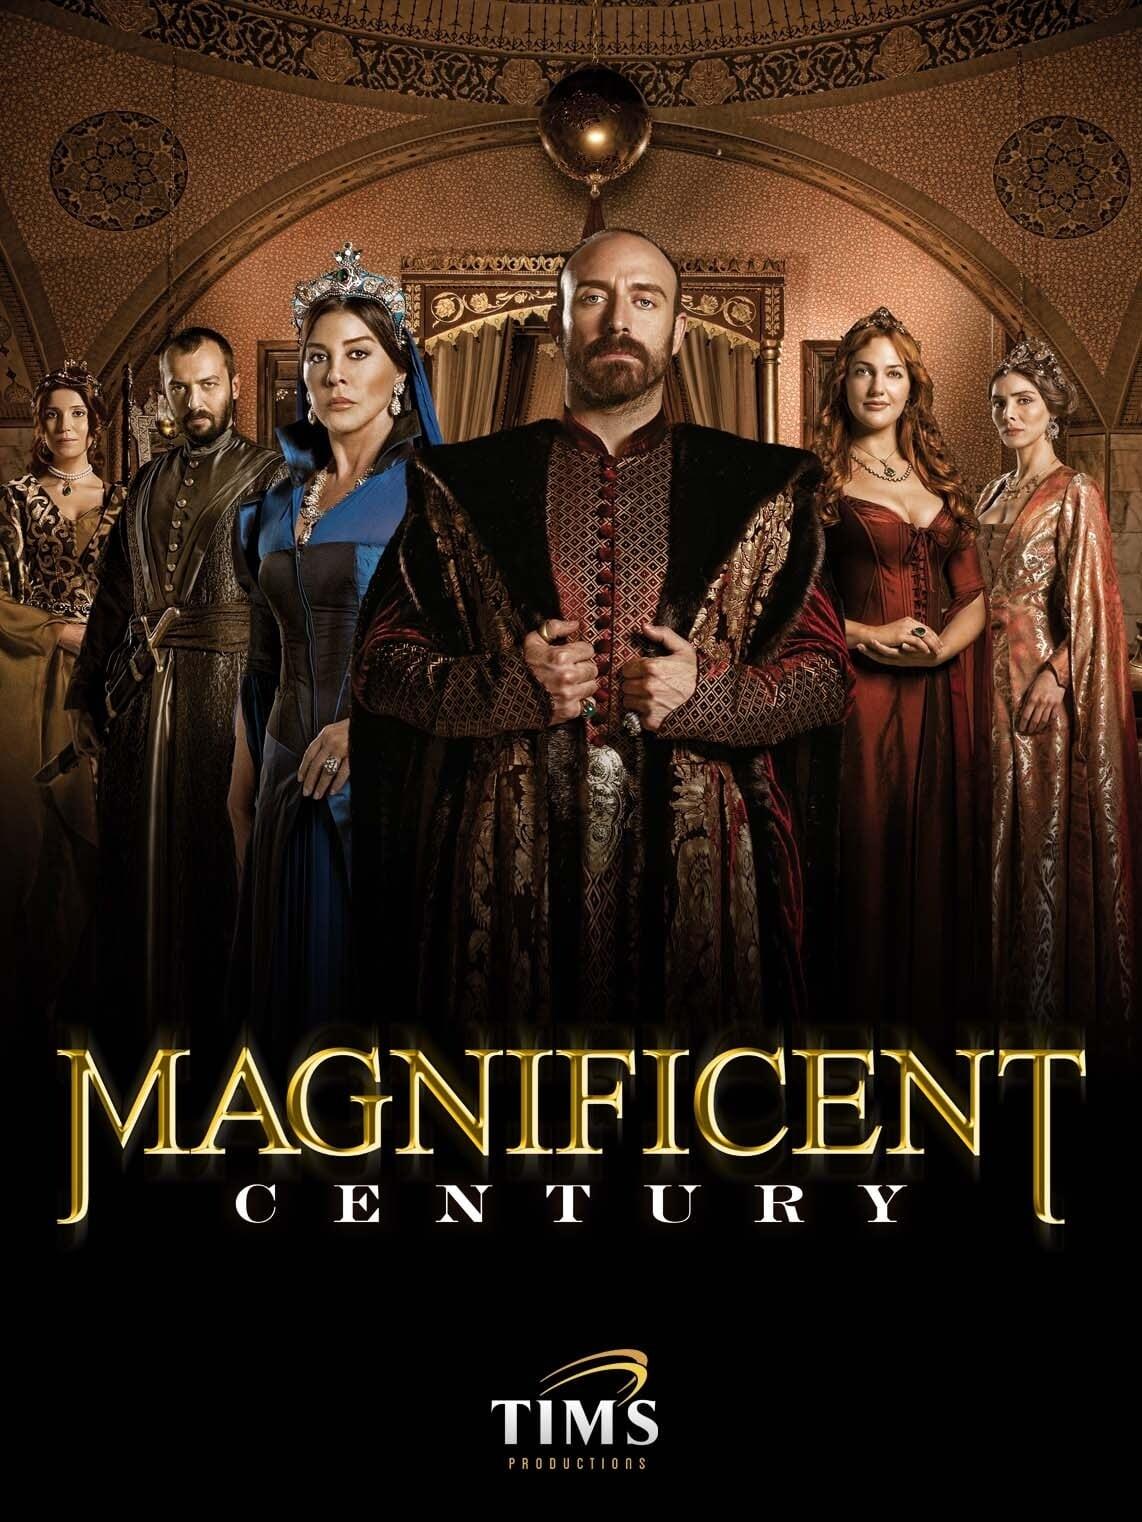 Magnificent Century